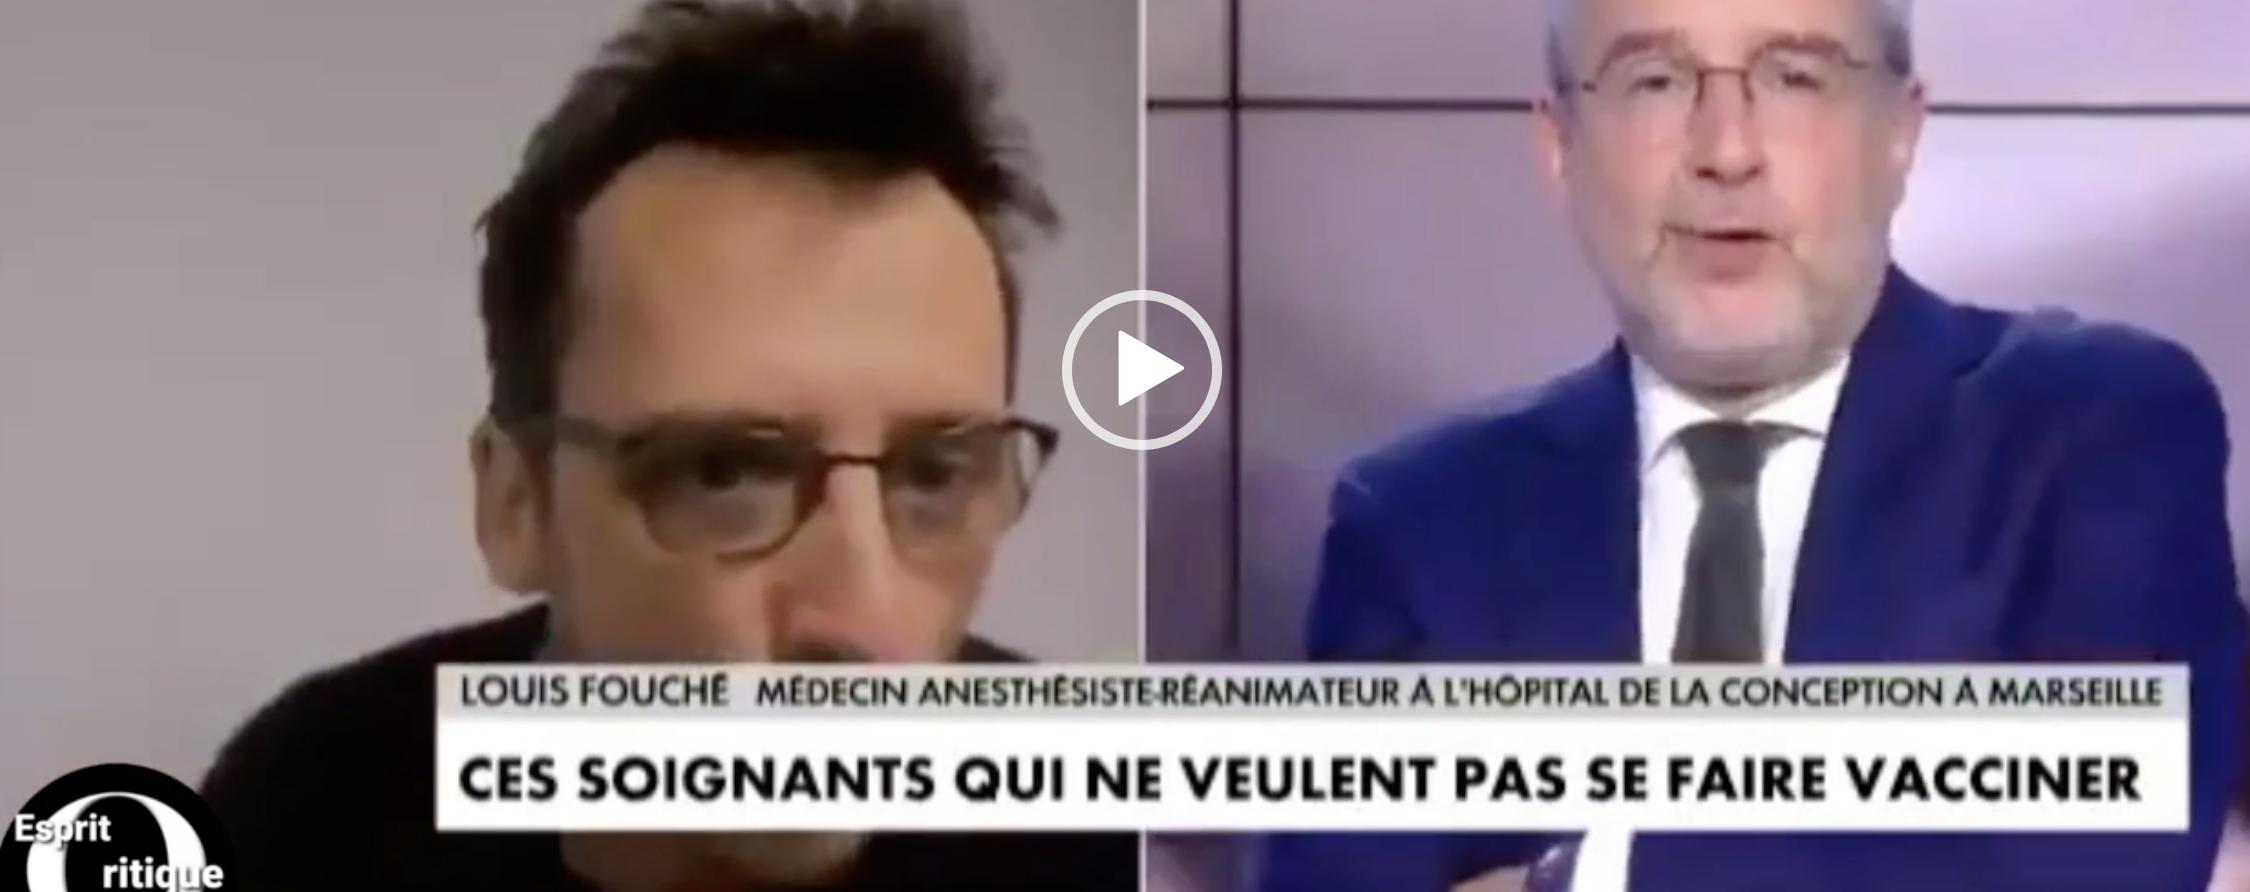 Le Dr Fouché explique comment refuser légalement le vaccin